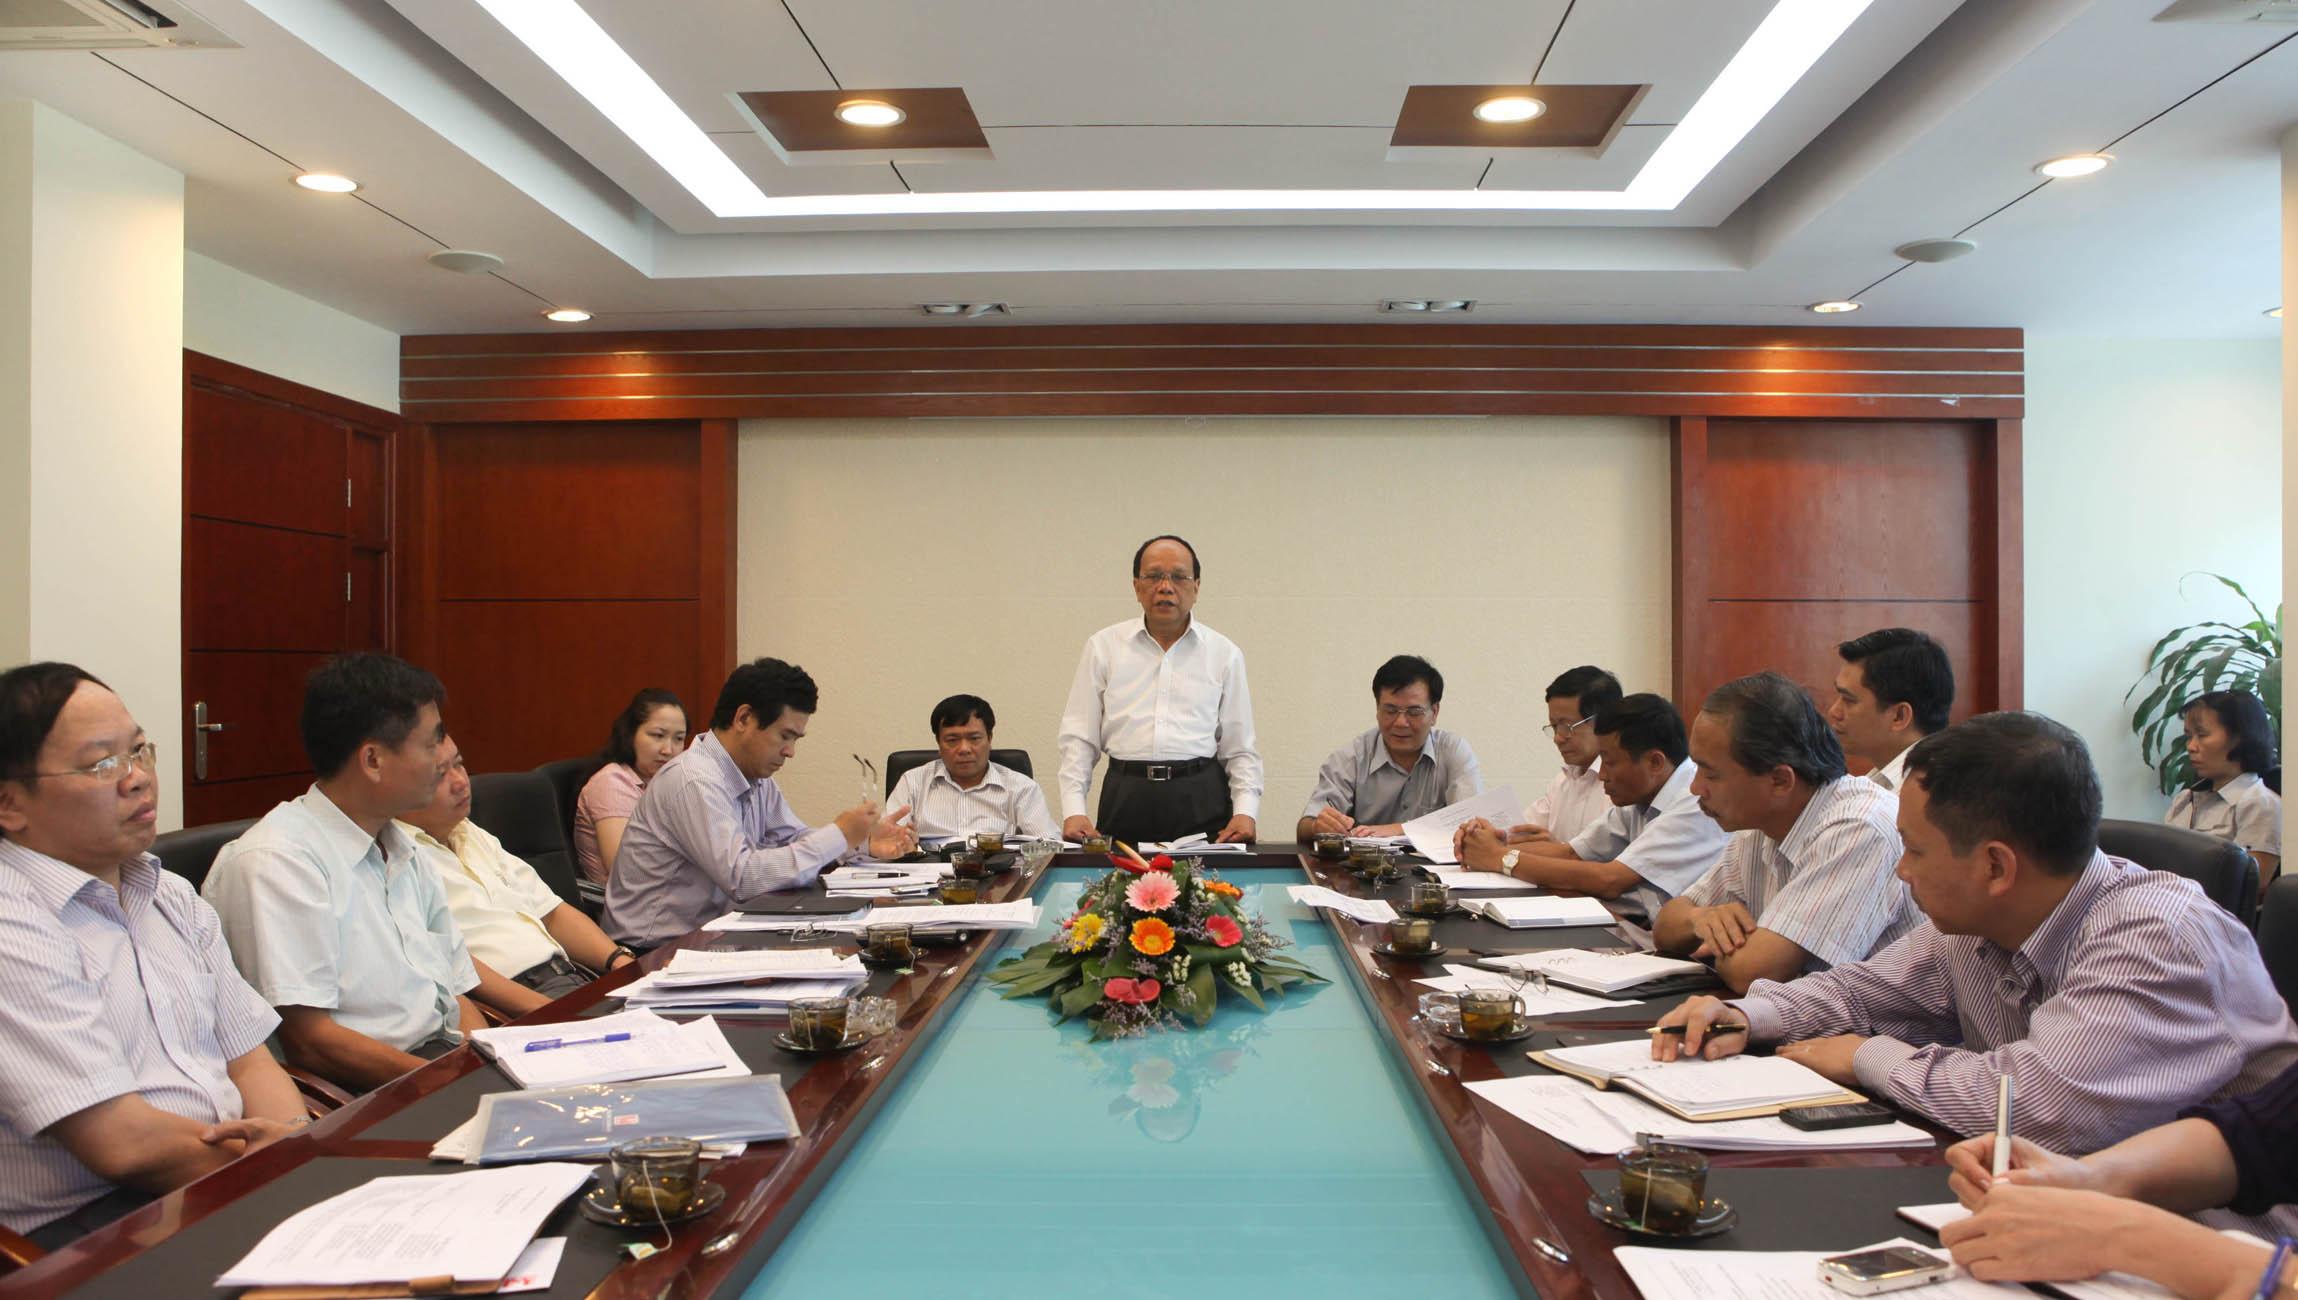 Lạc Hồng đã và đang sở hữu nhiều dự án bất động sản lớn